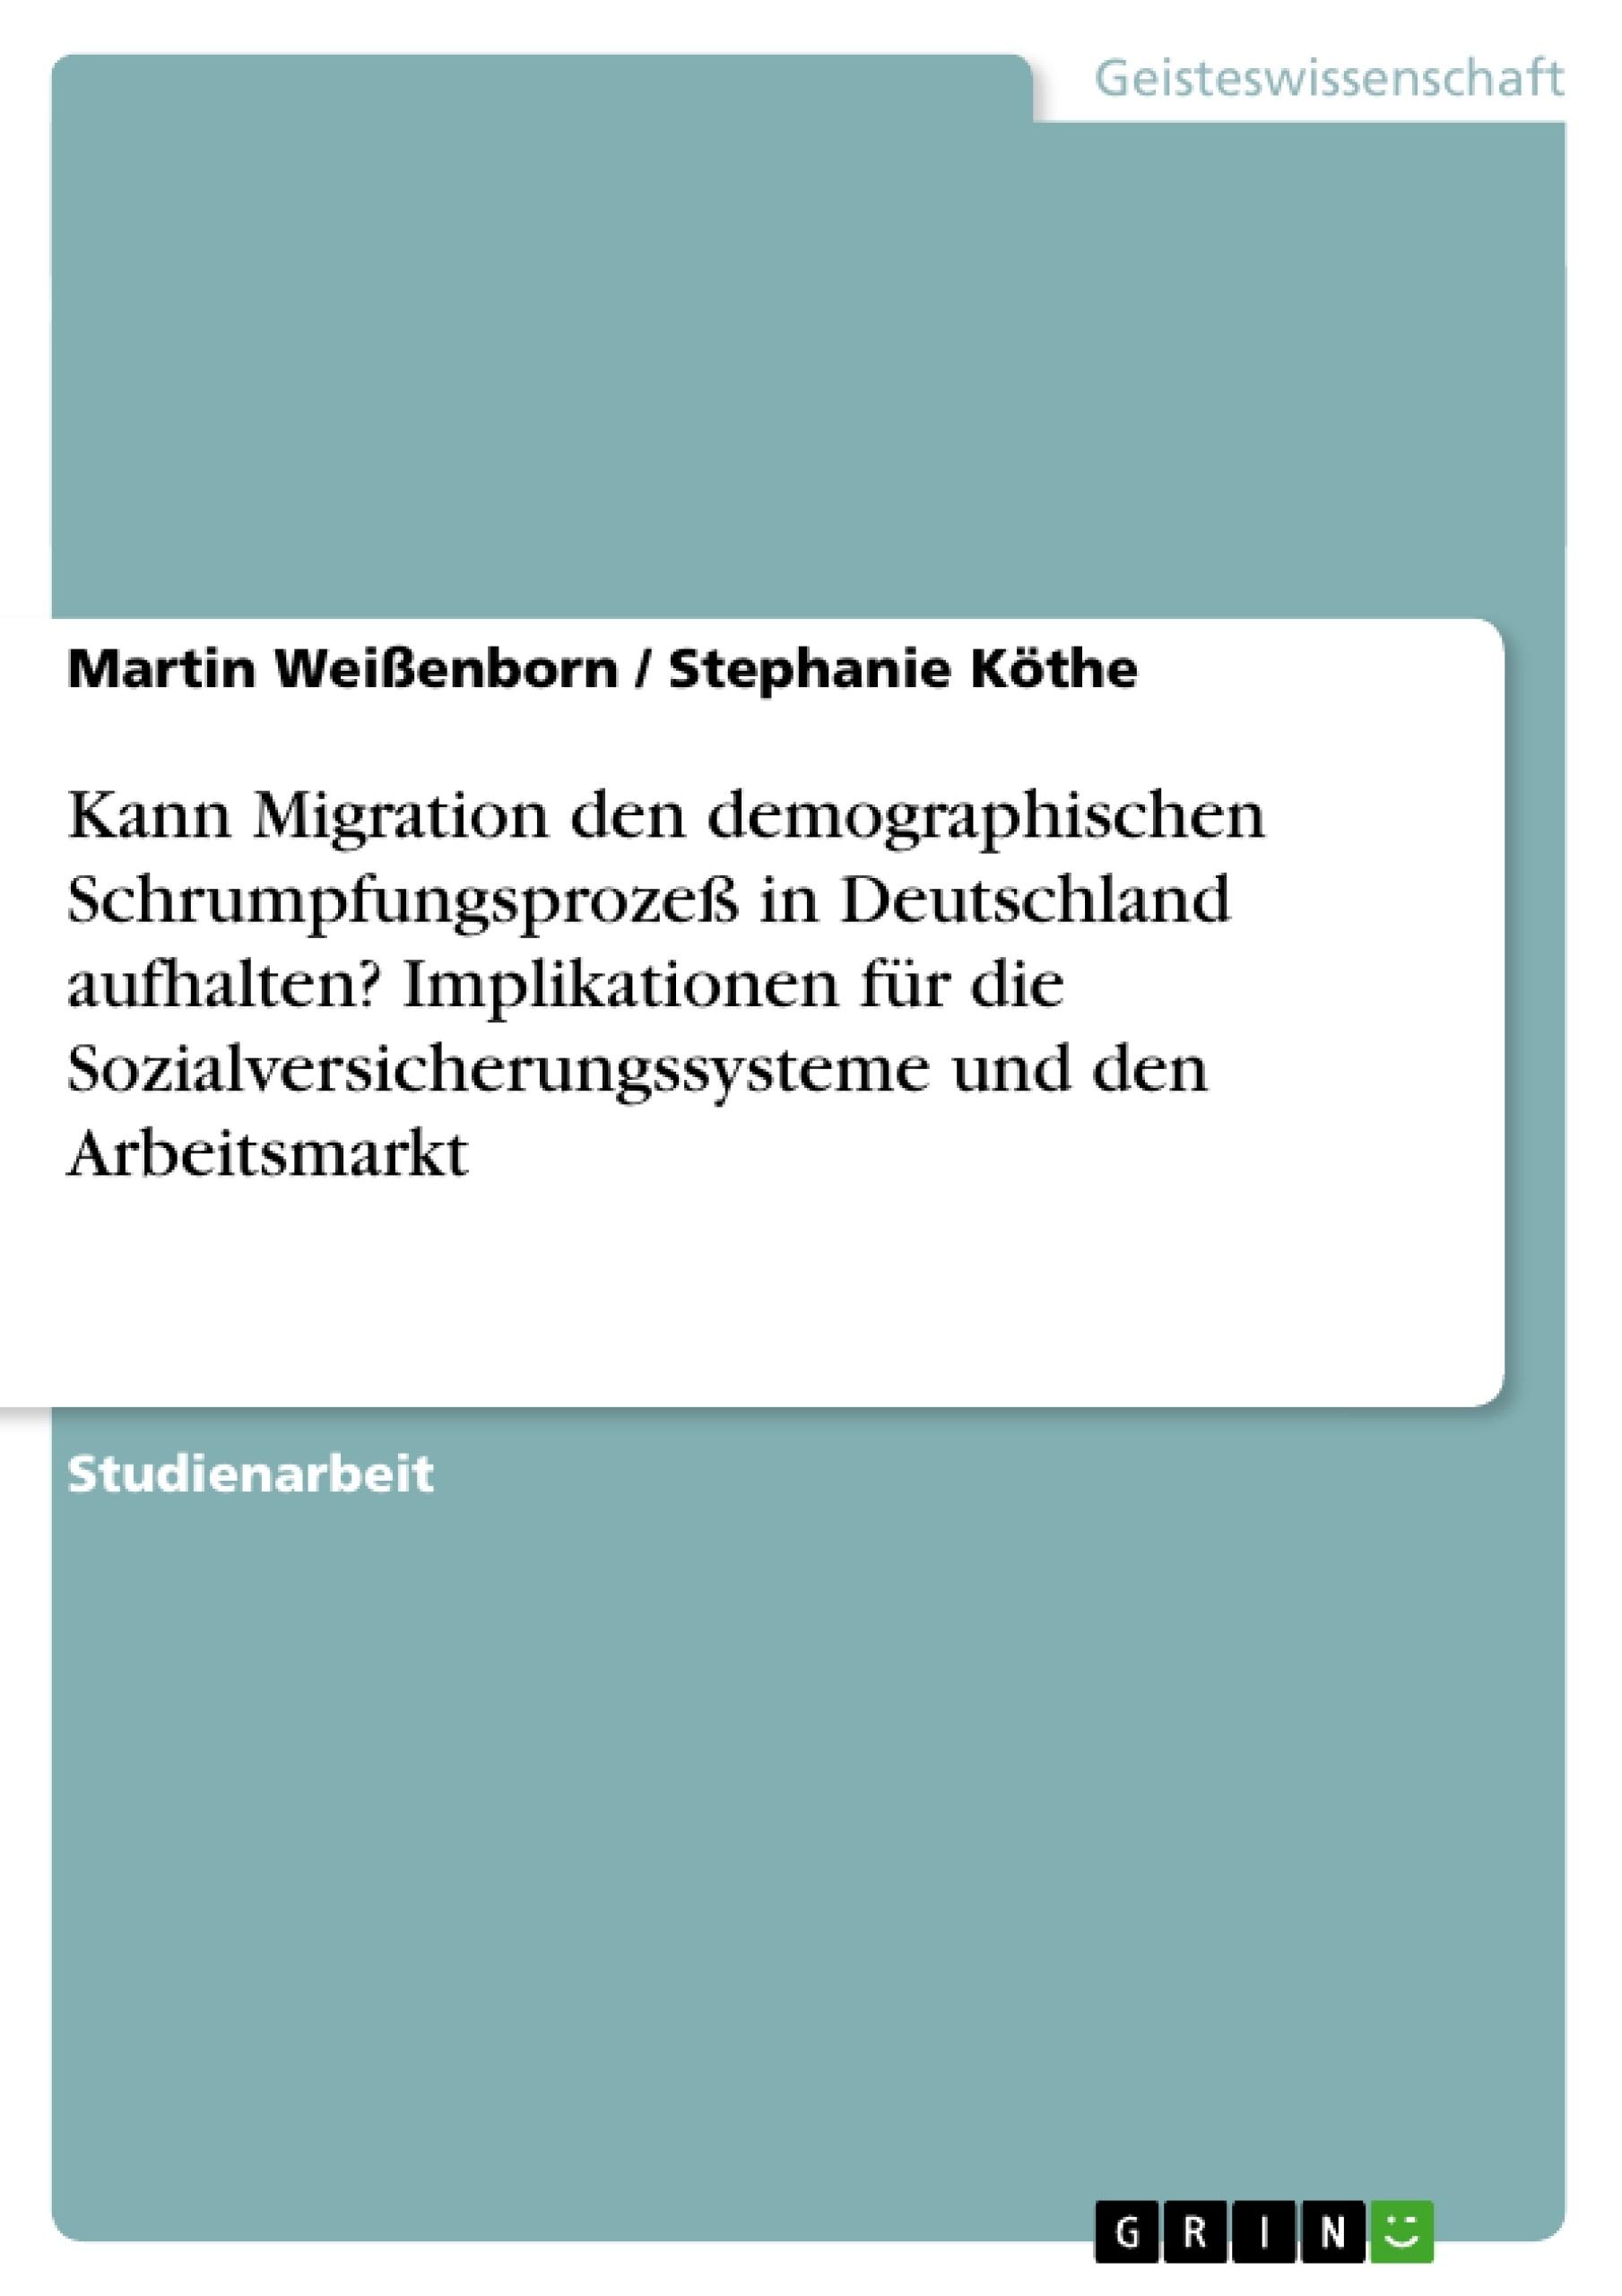 Titel: Kann Migration den demographischen Schrumpfungsprozeß in Deutschland aufhalten? Implikationen für die Sozialversicherungssysteme und den Arbeitsmarkt